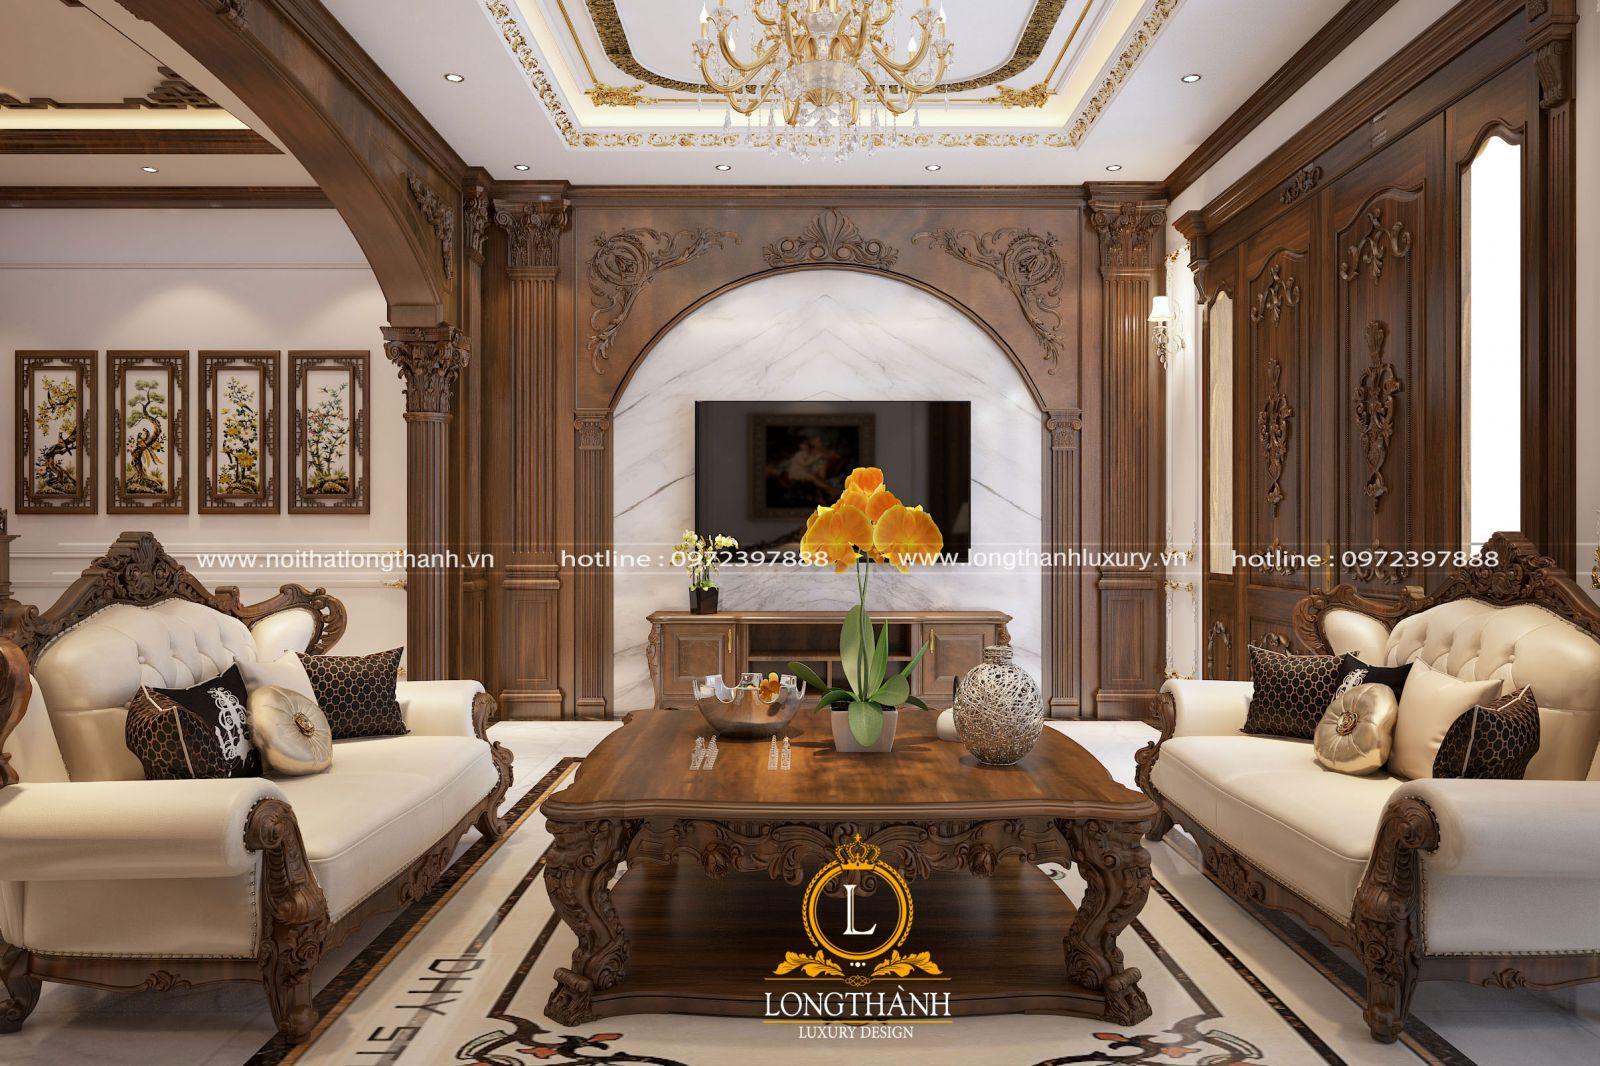 Mẫu sofa mang phong cách tân cổ điển  được  sử dụng chất liệu da tự nhiên cao cấp cho phòng khách đẹp